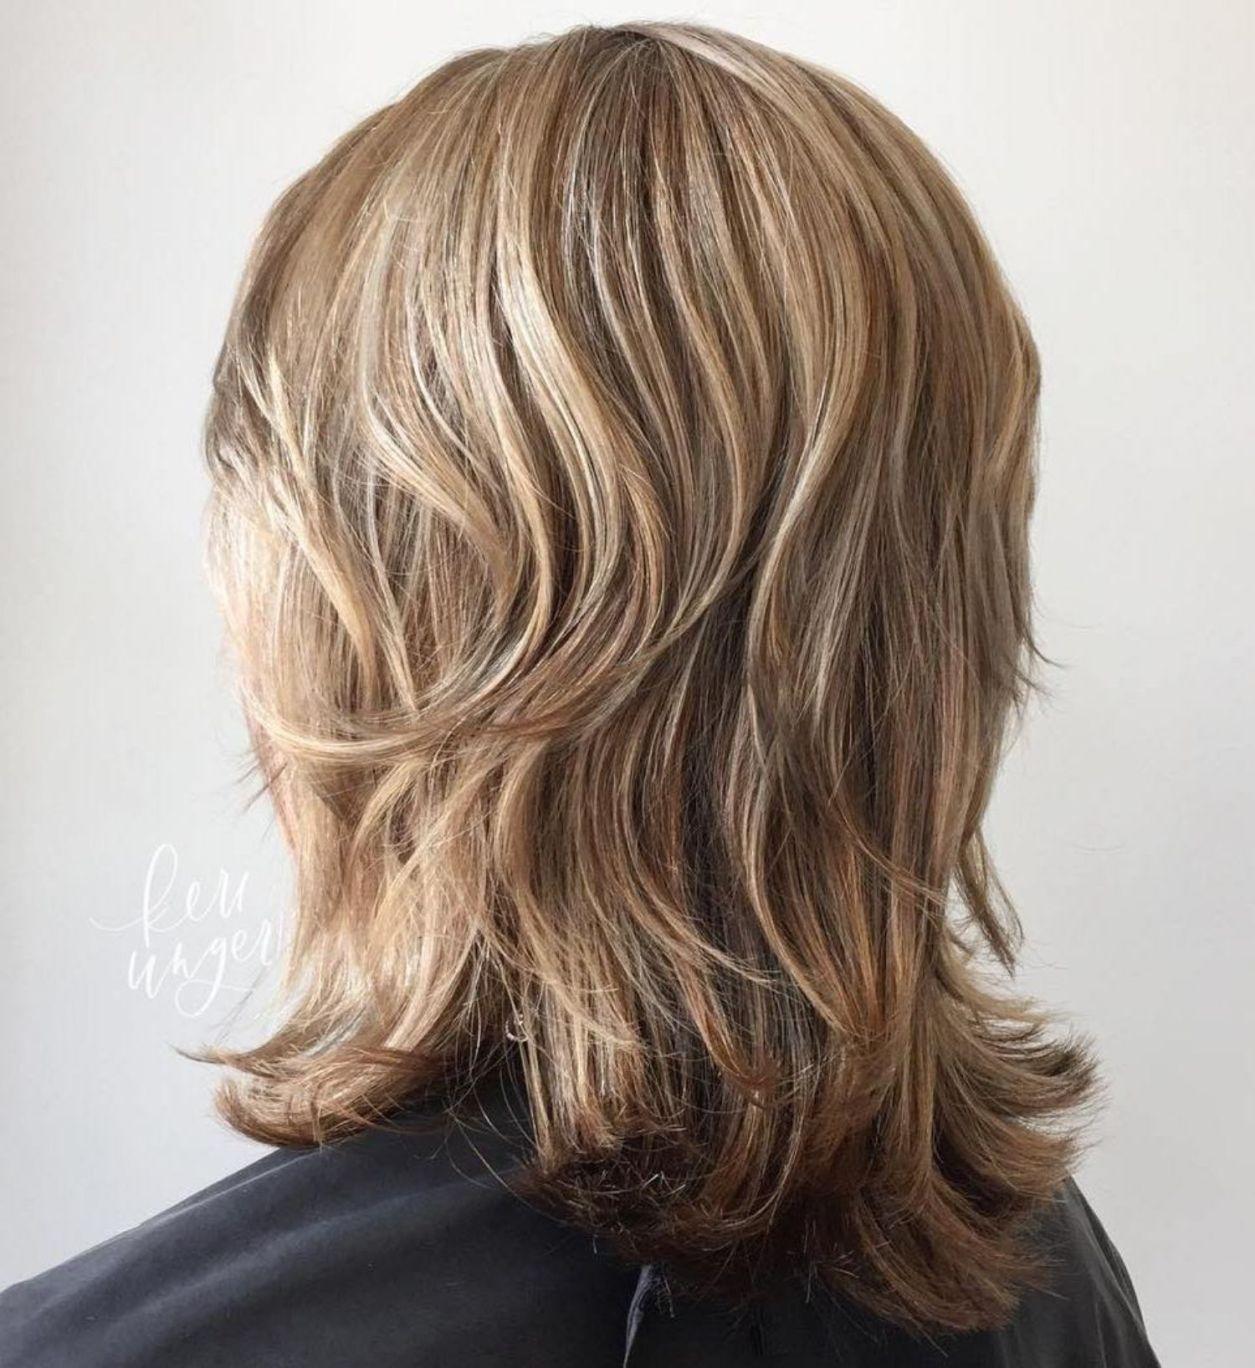 Pin On Hair Do, Undo, Redo